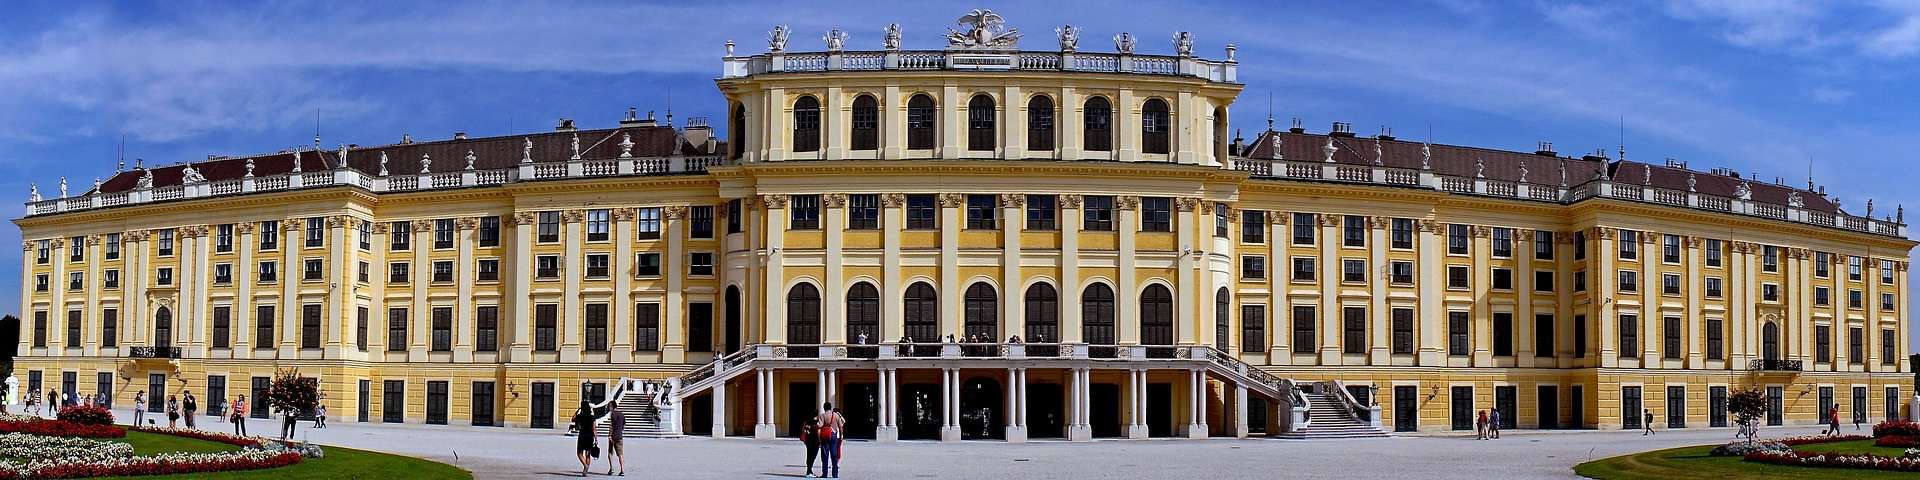 Il parco della Reggia di Schönbrunn ospita fontane, statue, monumenti, alberi e fiori